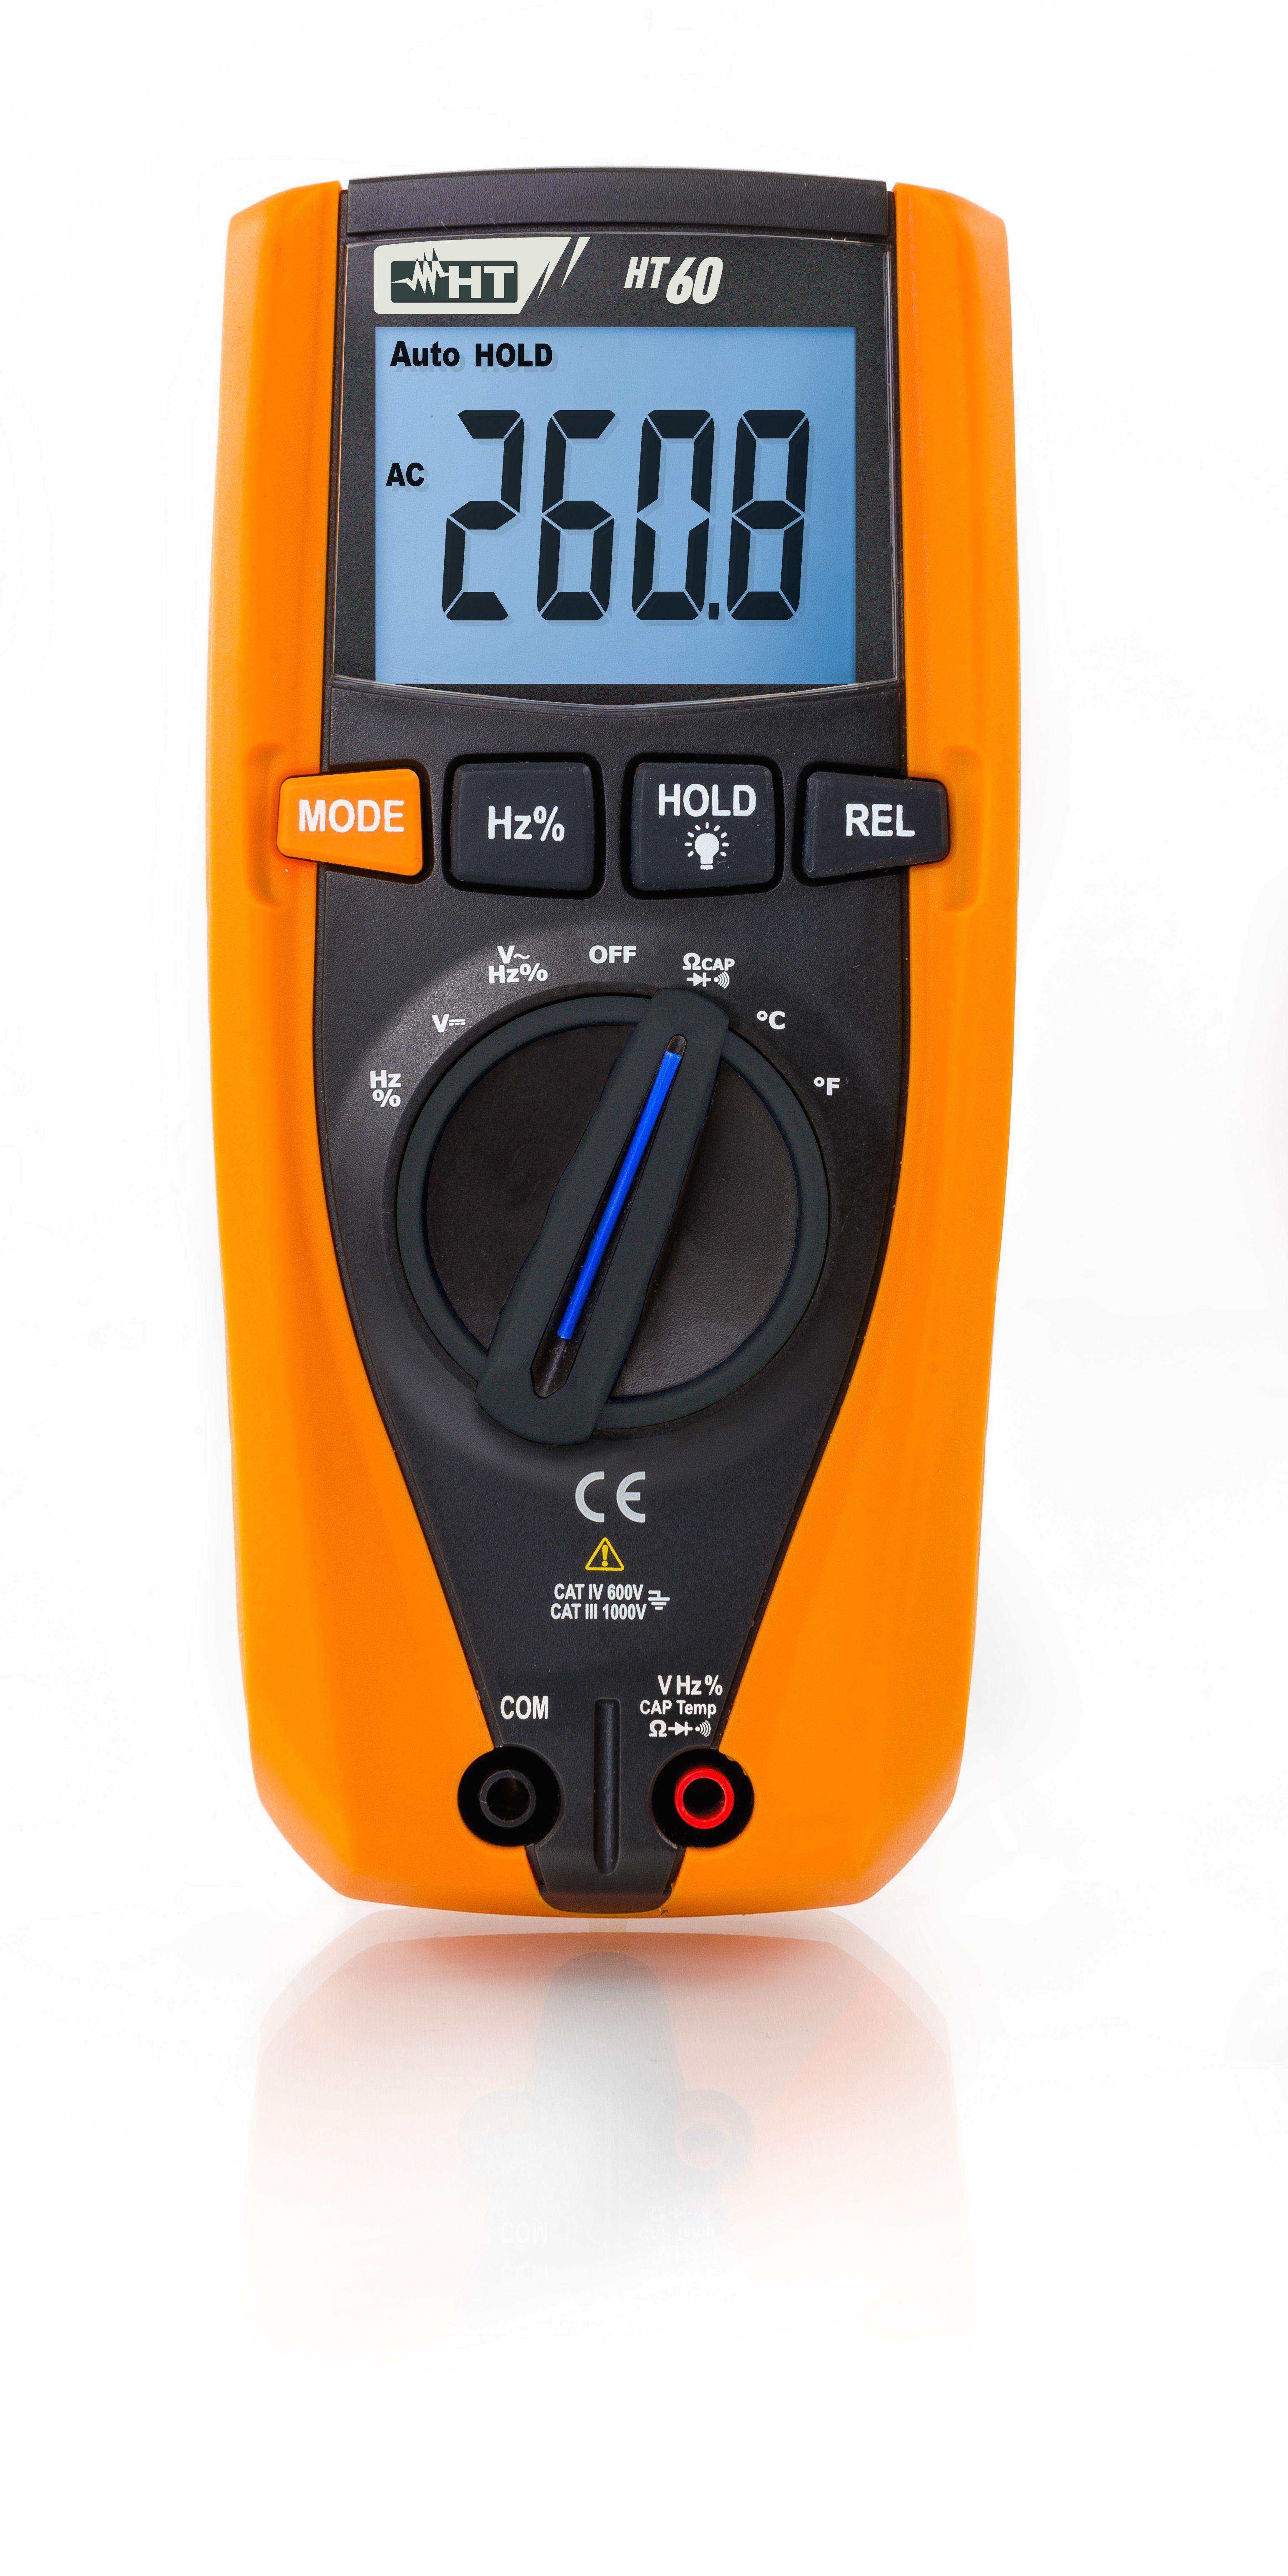 Ht60 Trms Multímetro Digital Trms Con Medida De Temperatura Con Sonda K La Nueva Serie De Multímetros Profesionale Instrumento De Medición Digitales Medidas De